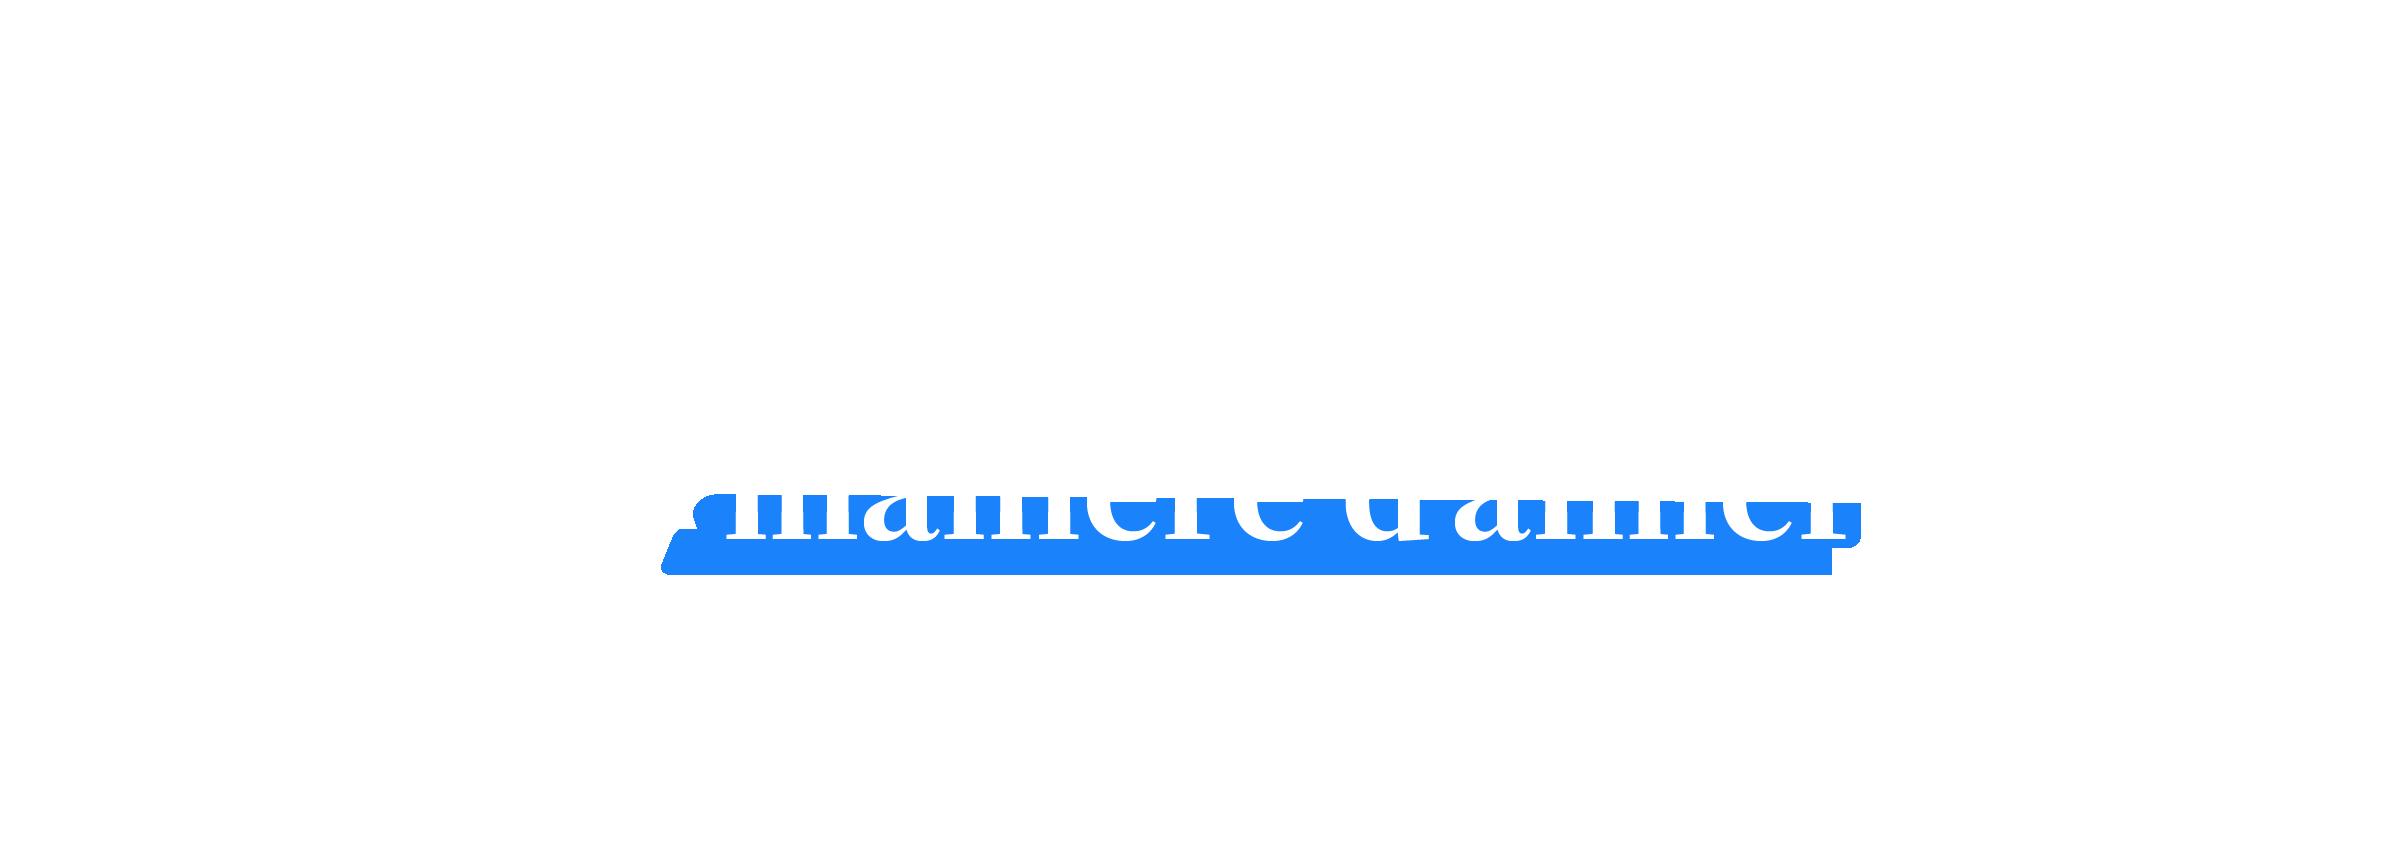 COmment le digital a-t-il modifié notre manière d'aimer ?